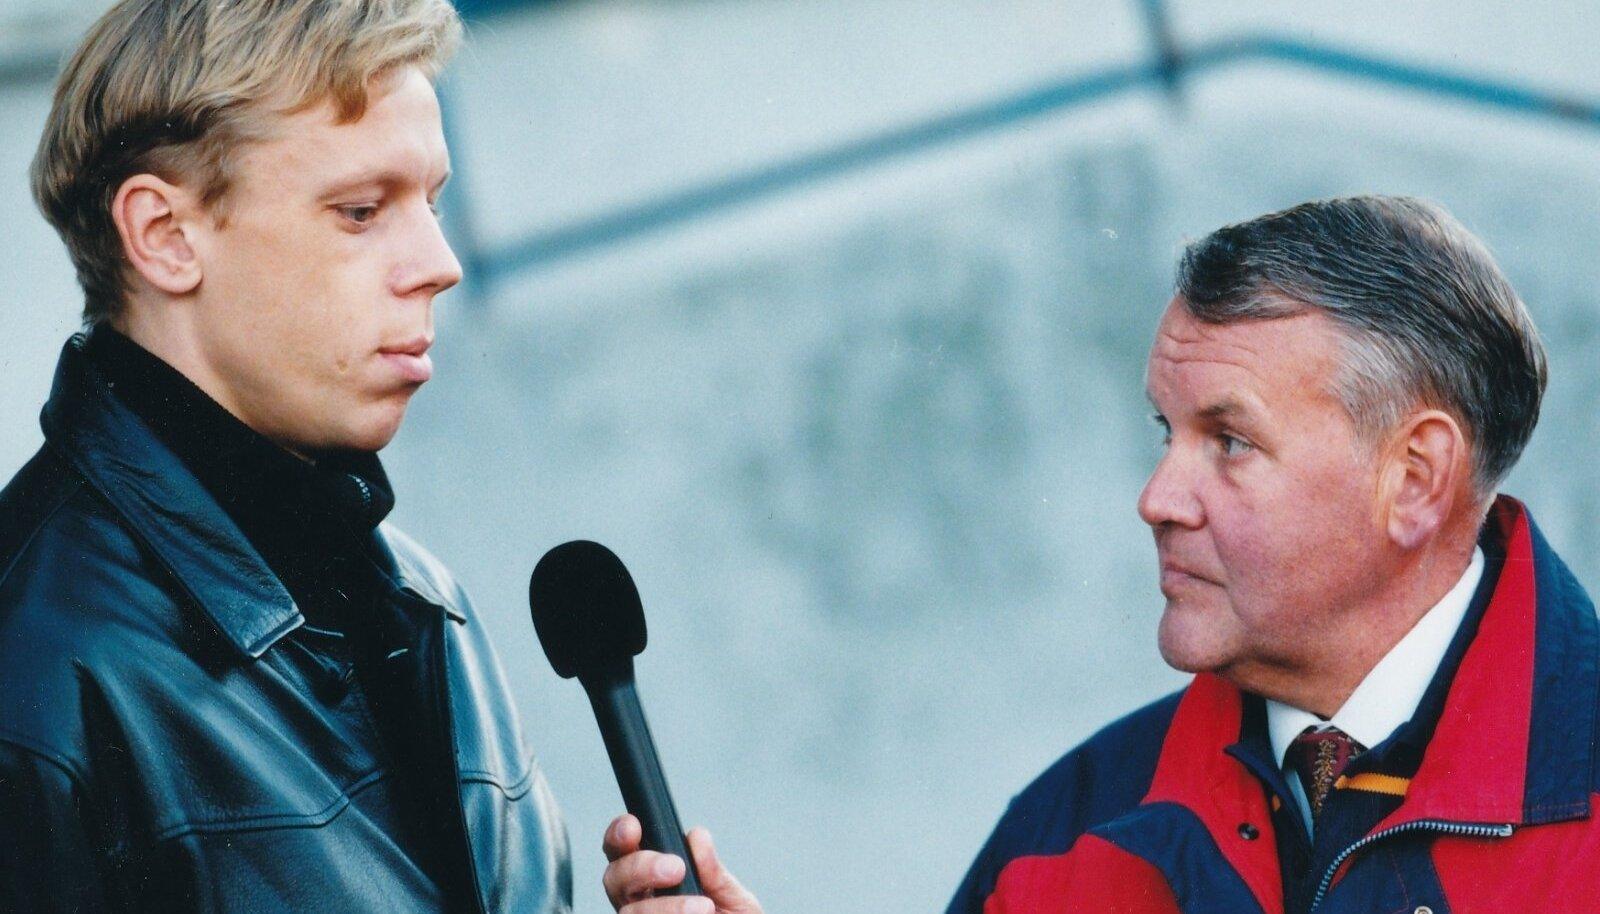 Noor Mart Poom ja telereporter Toomas Uba 1990. aastatel.